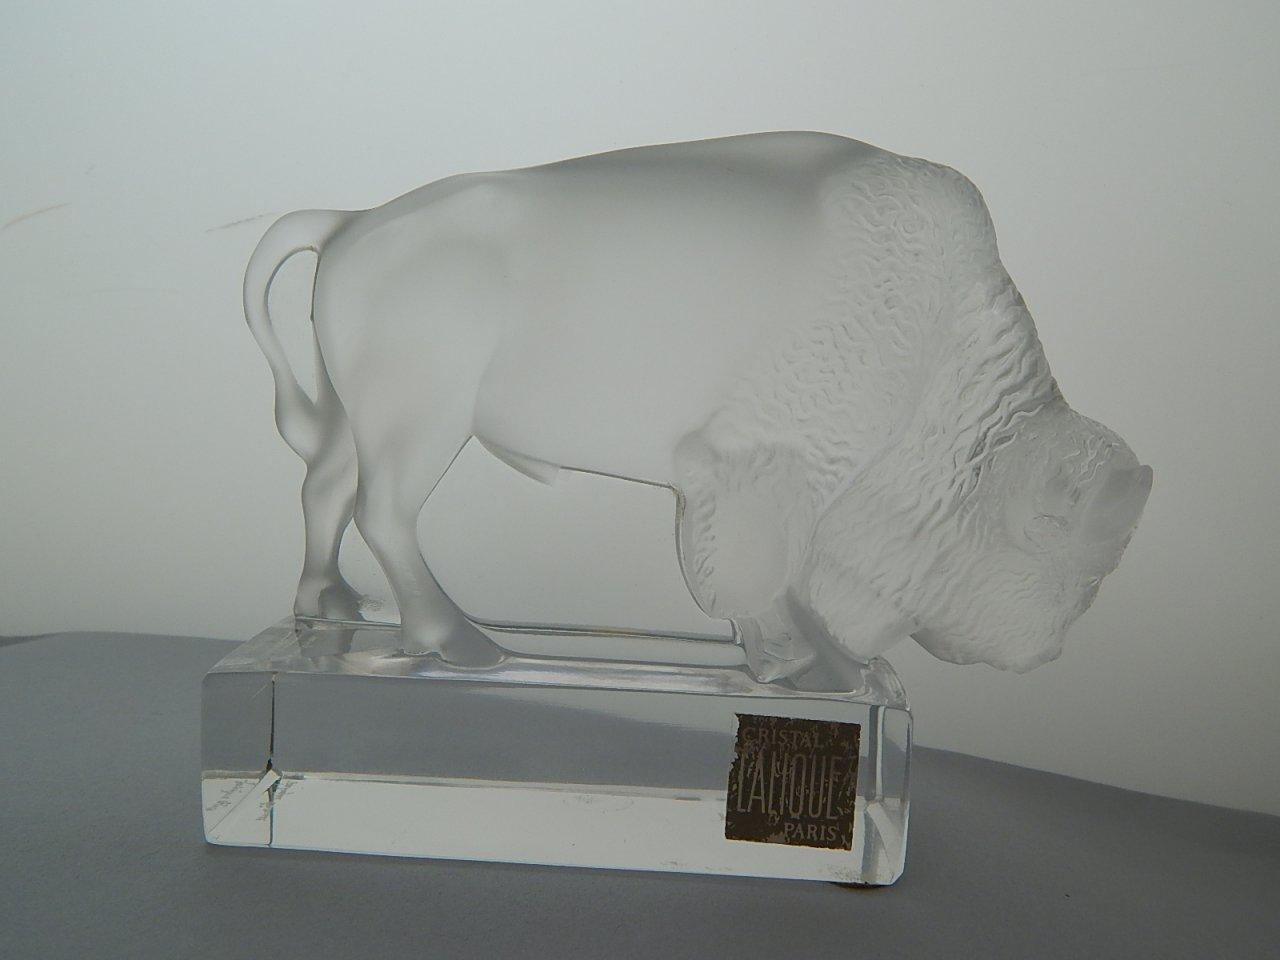 DSCN4306